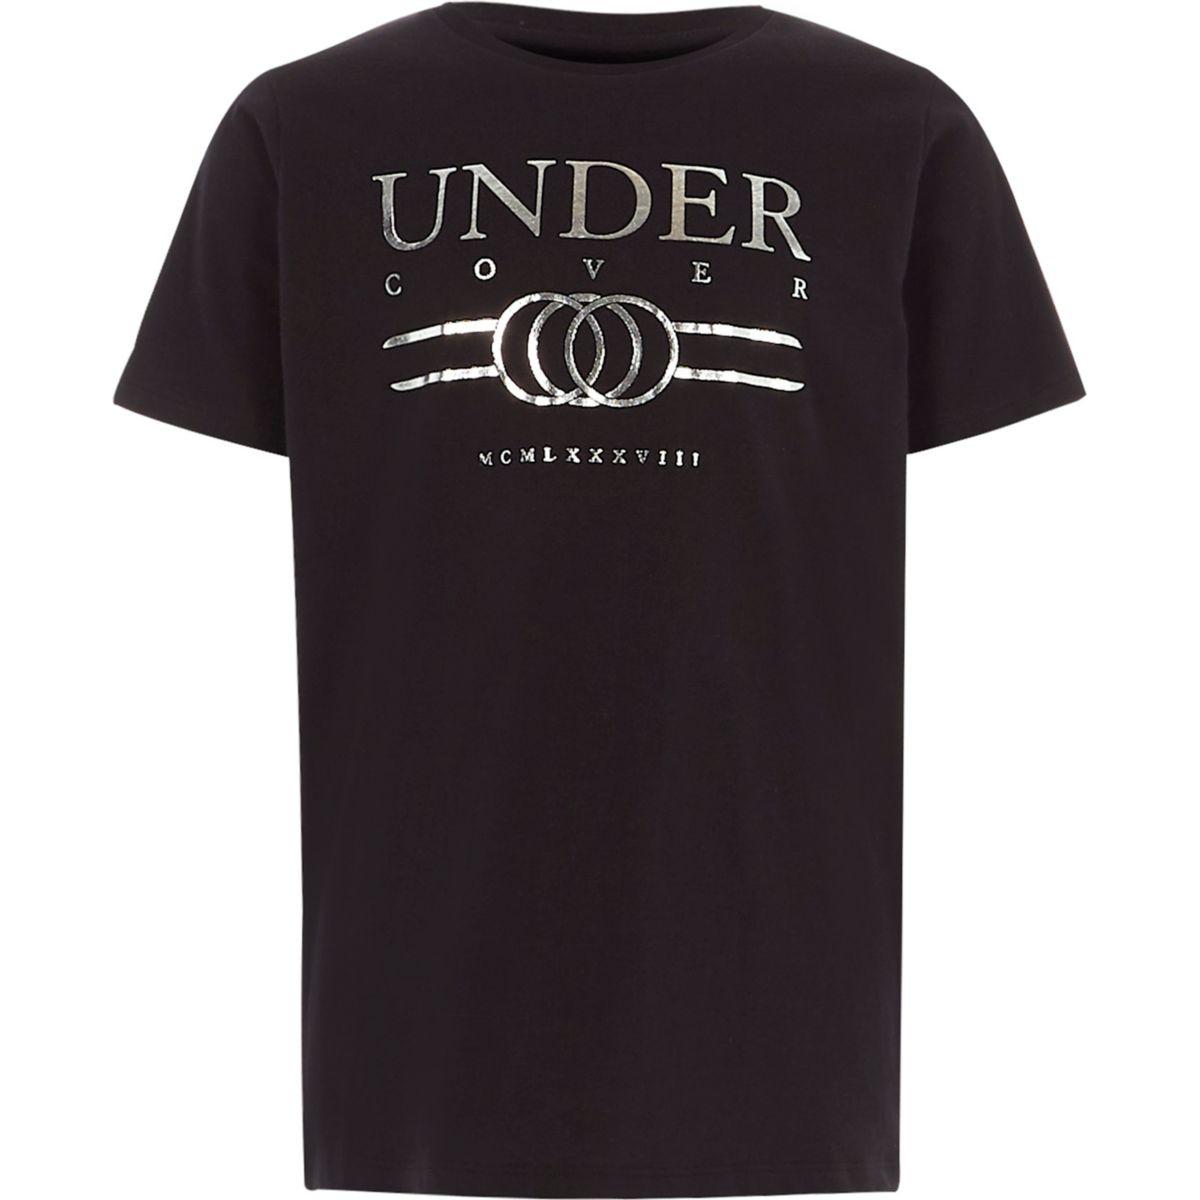 Boys black under cover foil print t shirt t shirts t for Foil print t shirts custom